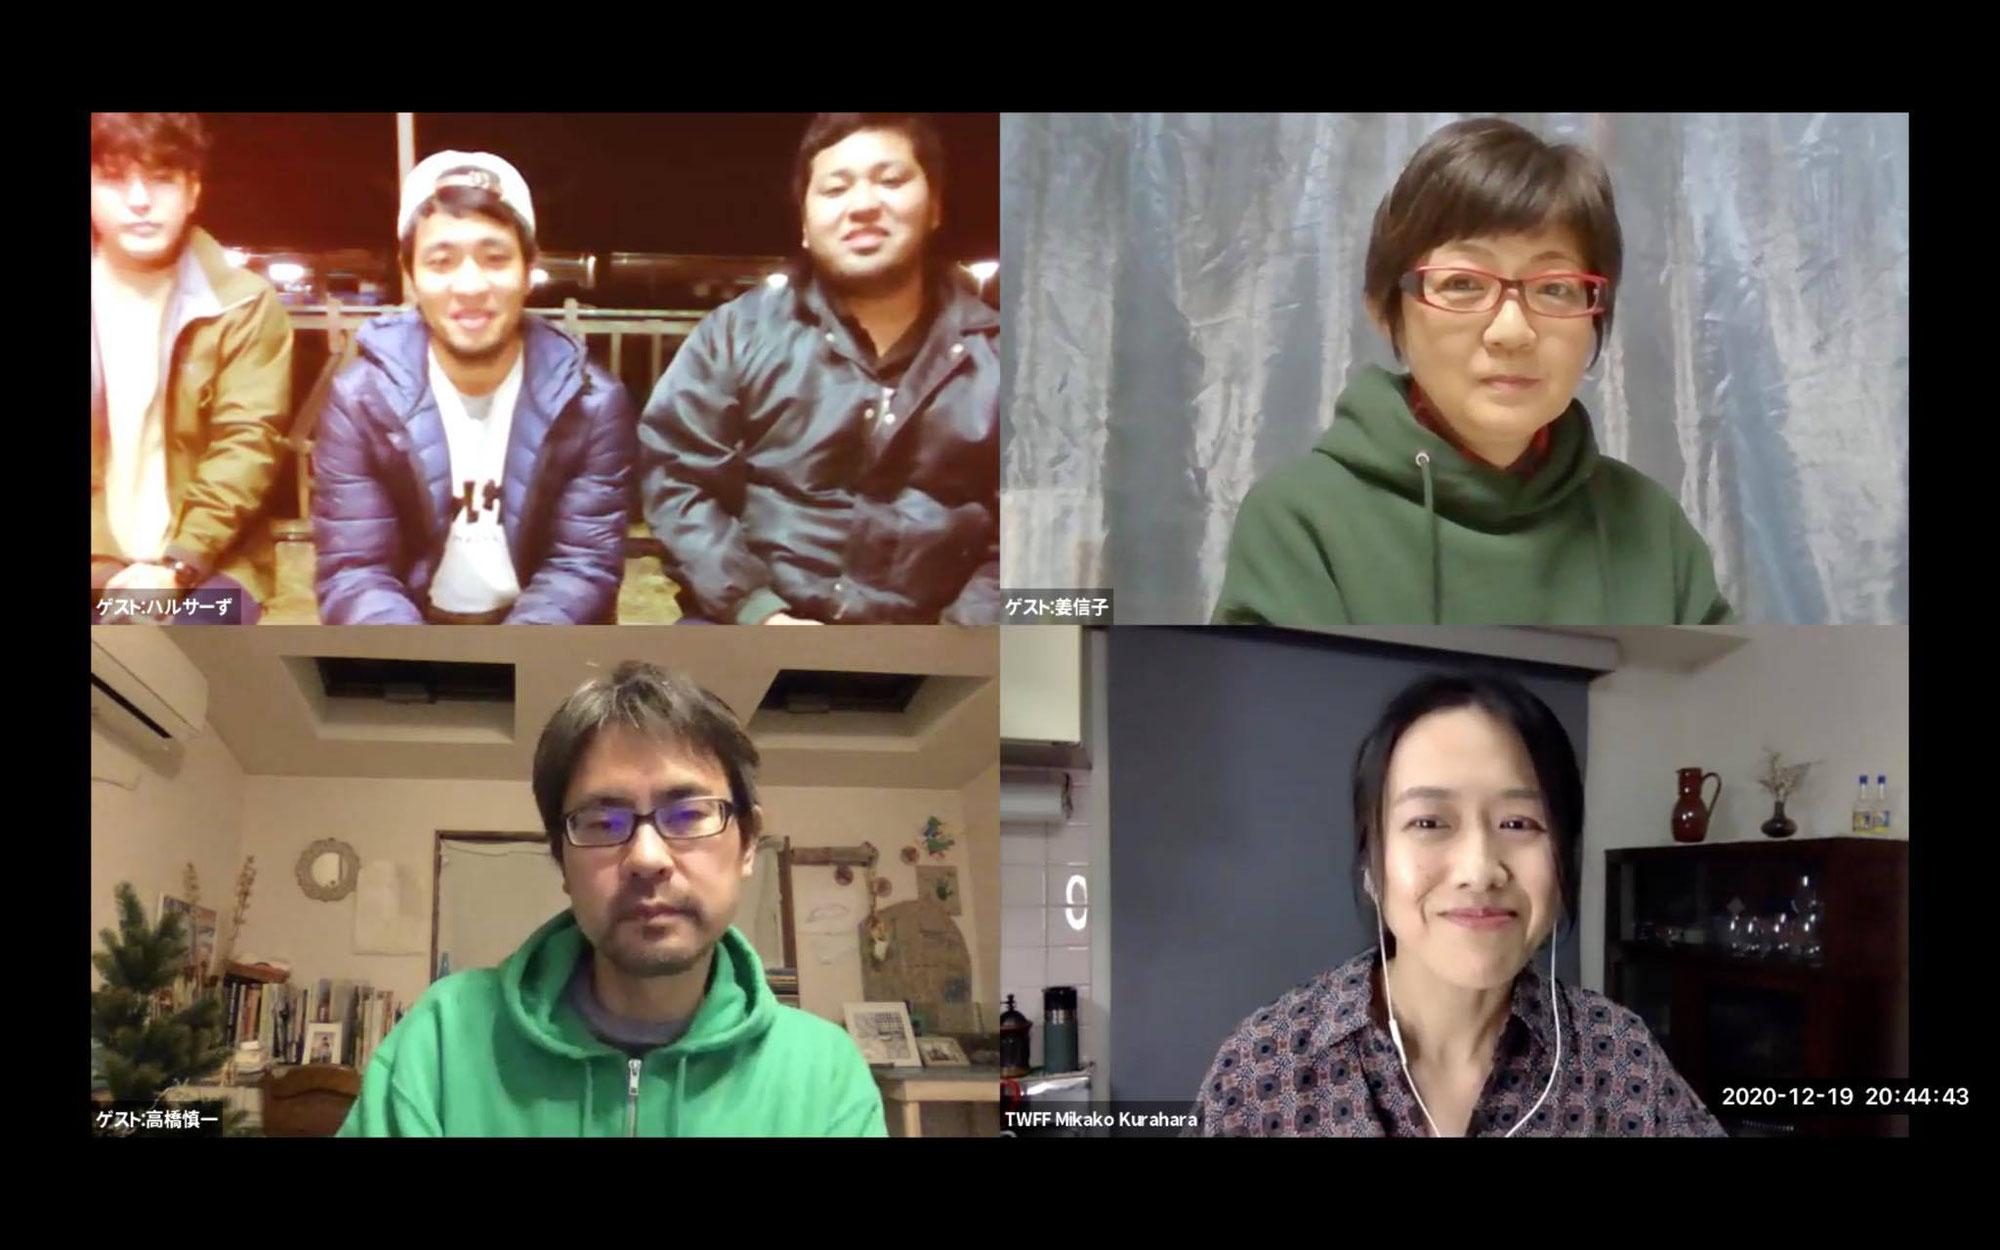 【12/19開催報告】TOKYO WOMEN'S FILM FESTIVAL 2020 〜唄のチカラ、シネマのチカラ〜 映画『ナミイと唄えば』オンライン上映&トークライブ